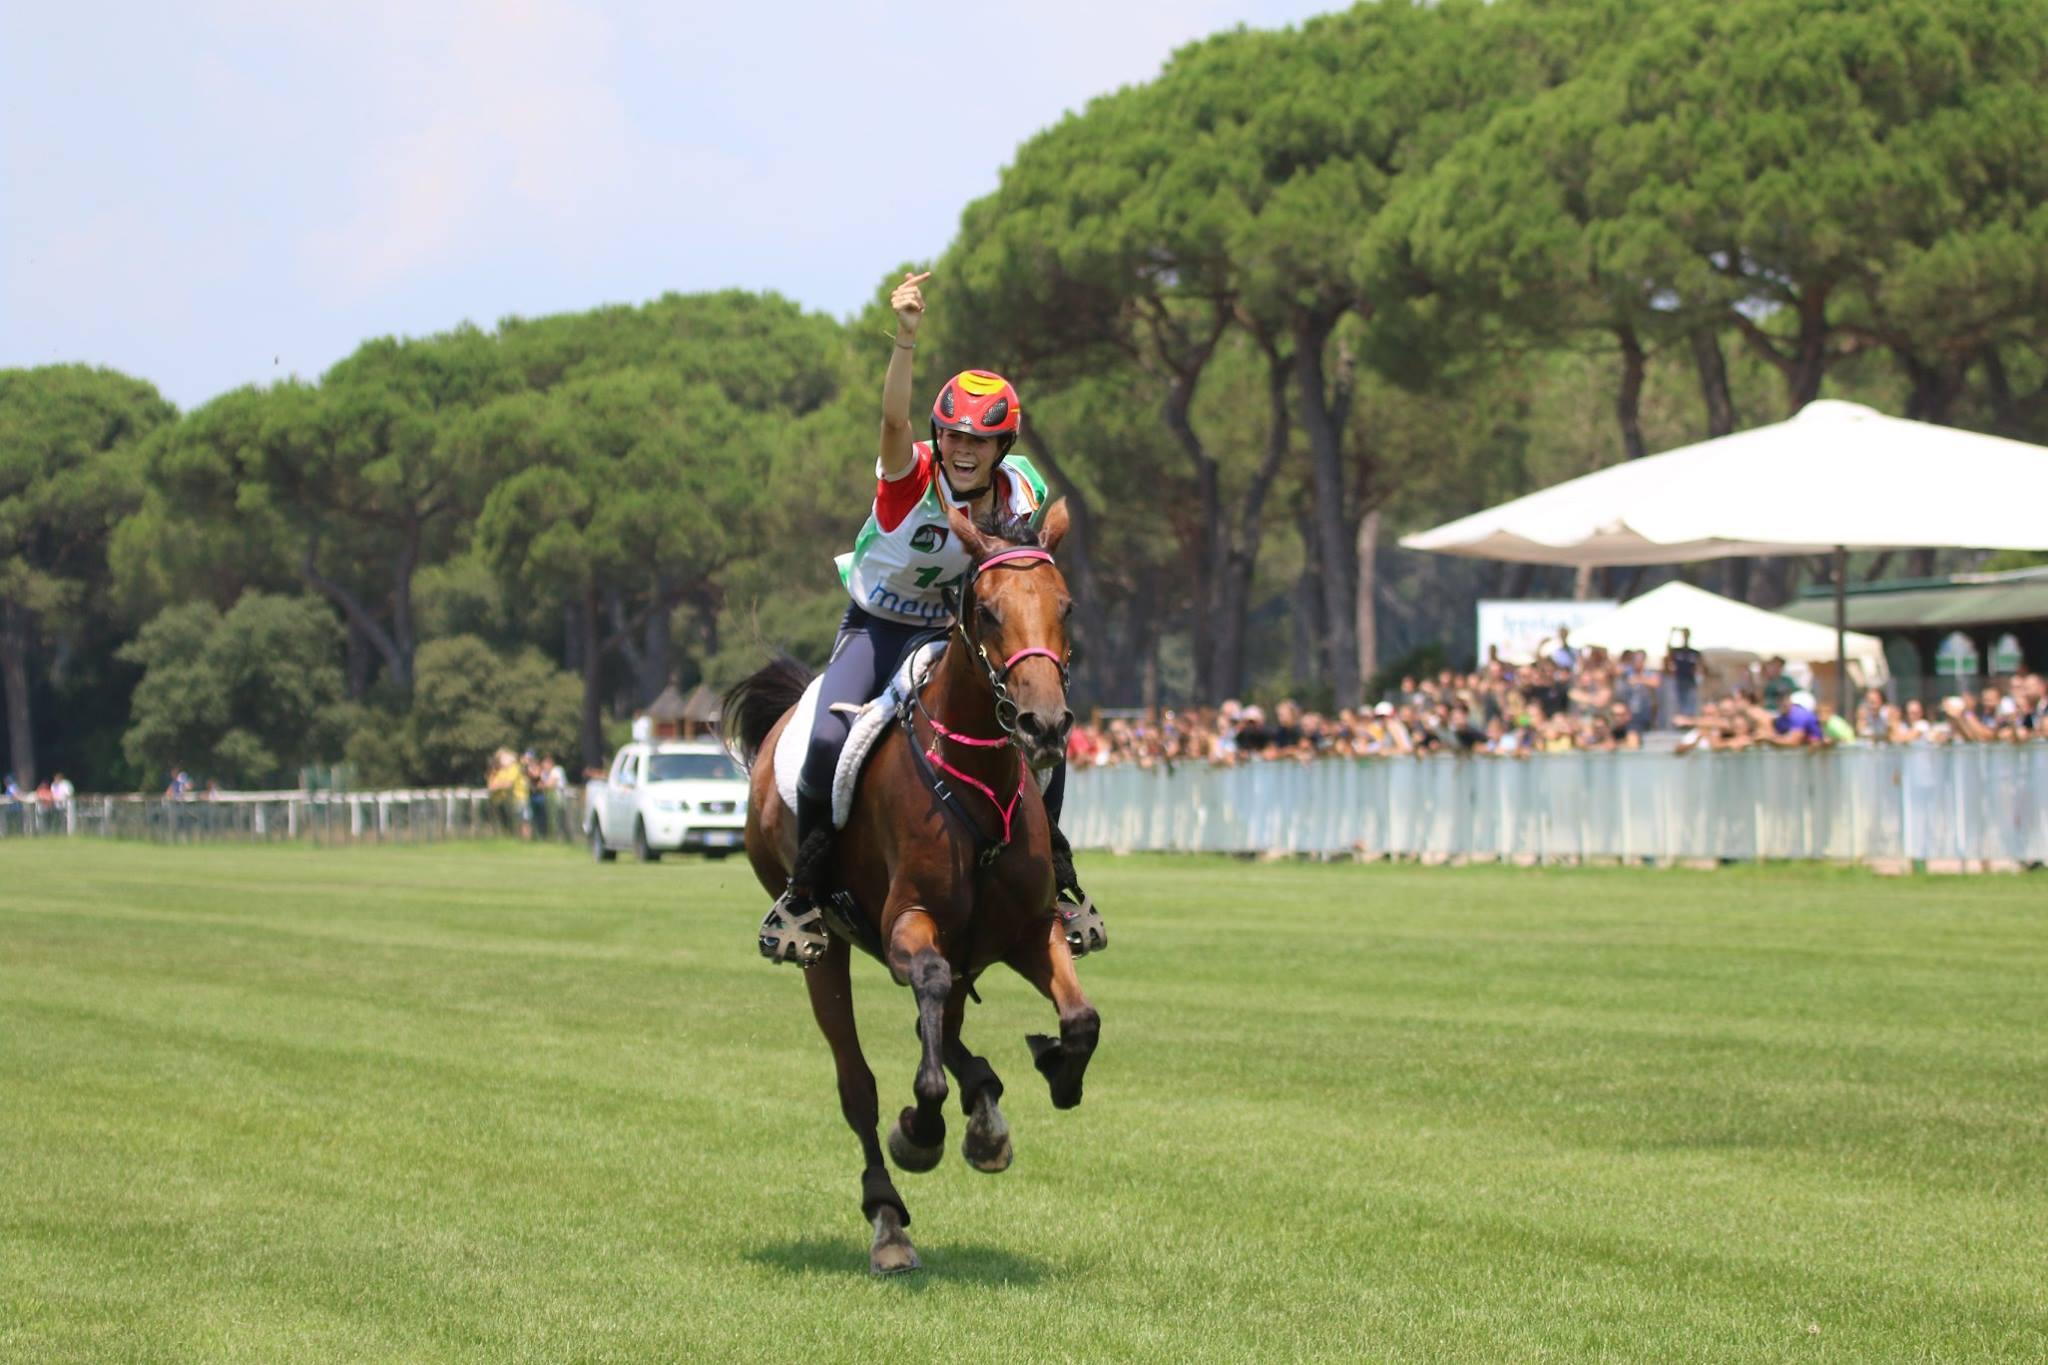 Toscana Endurance Lifestyle 2018: parole e fatti da Dubai a Pisa